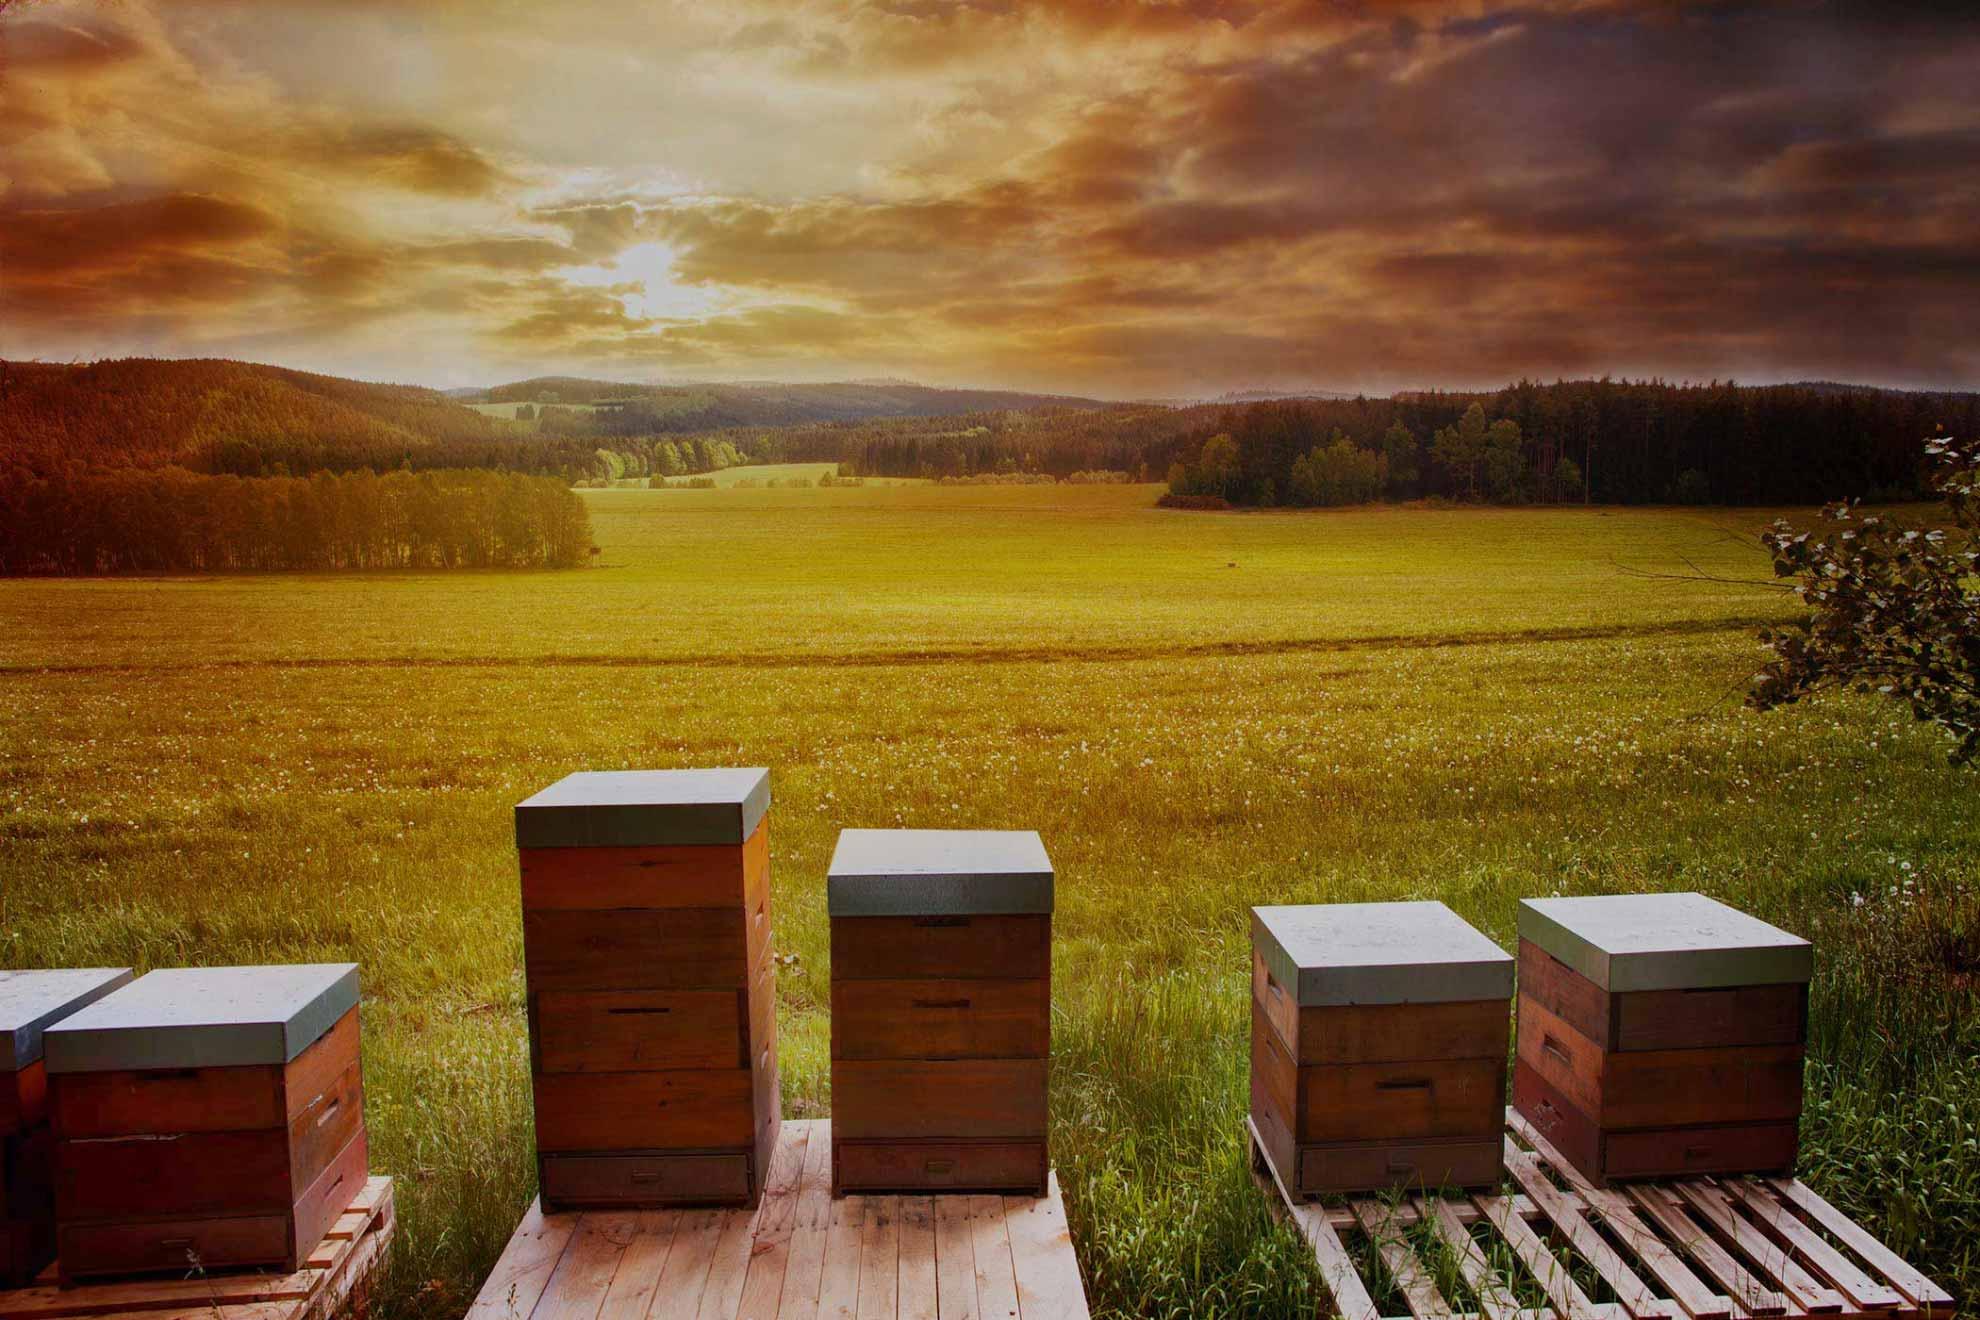 Prodej medu, svíčky ze včelího vosku, prodej oddělků